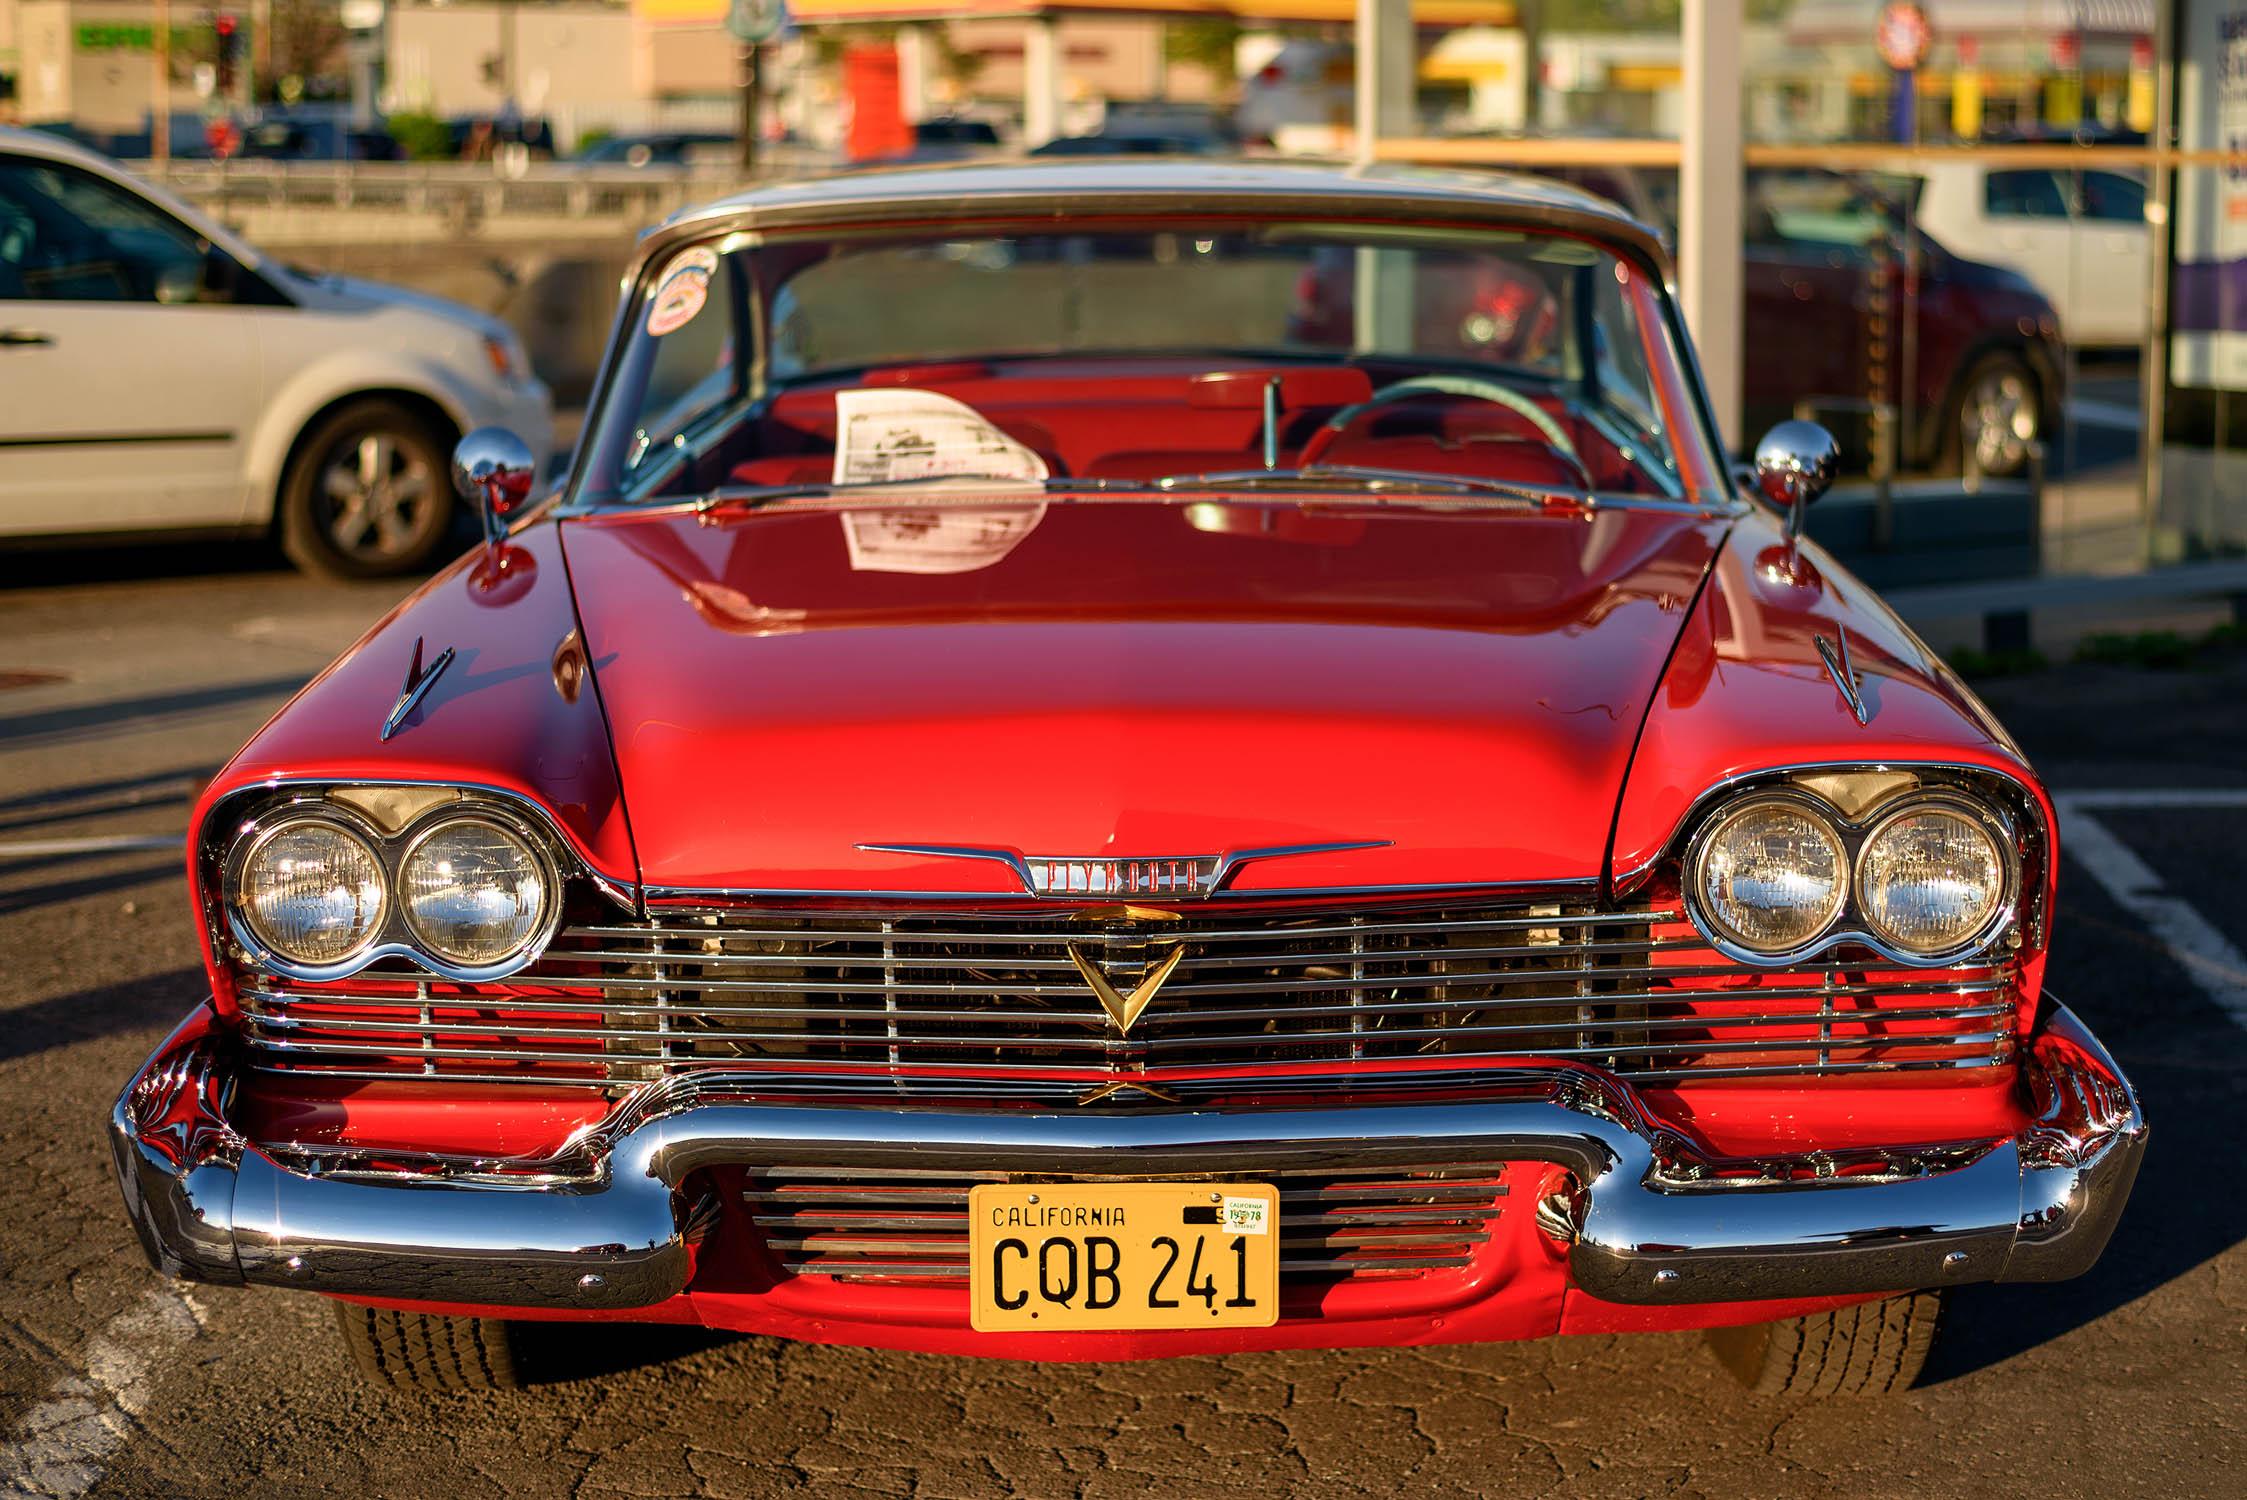 julep-cars-monika-story-39.jpg